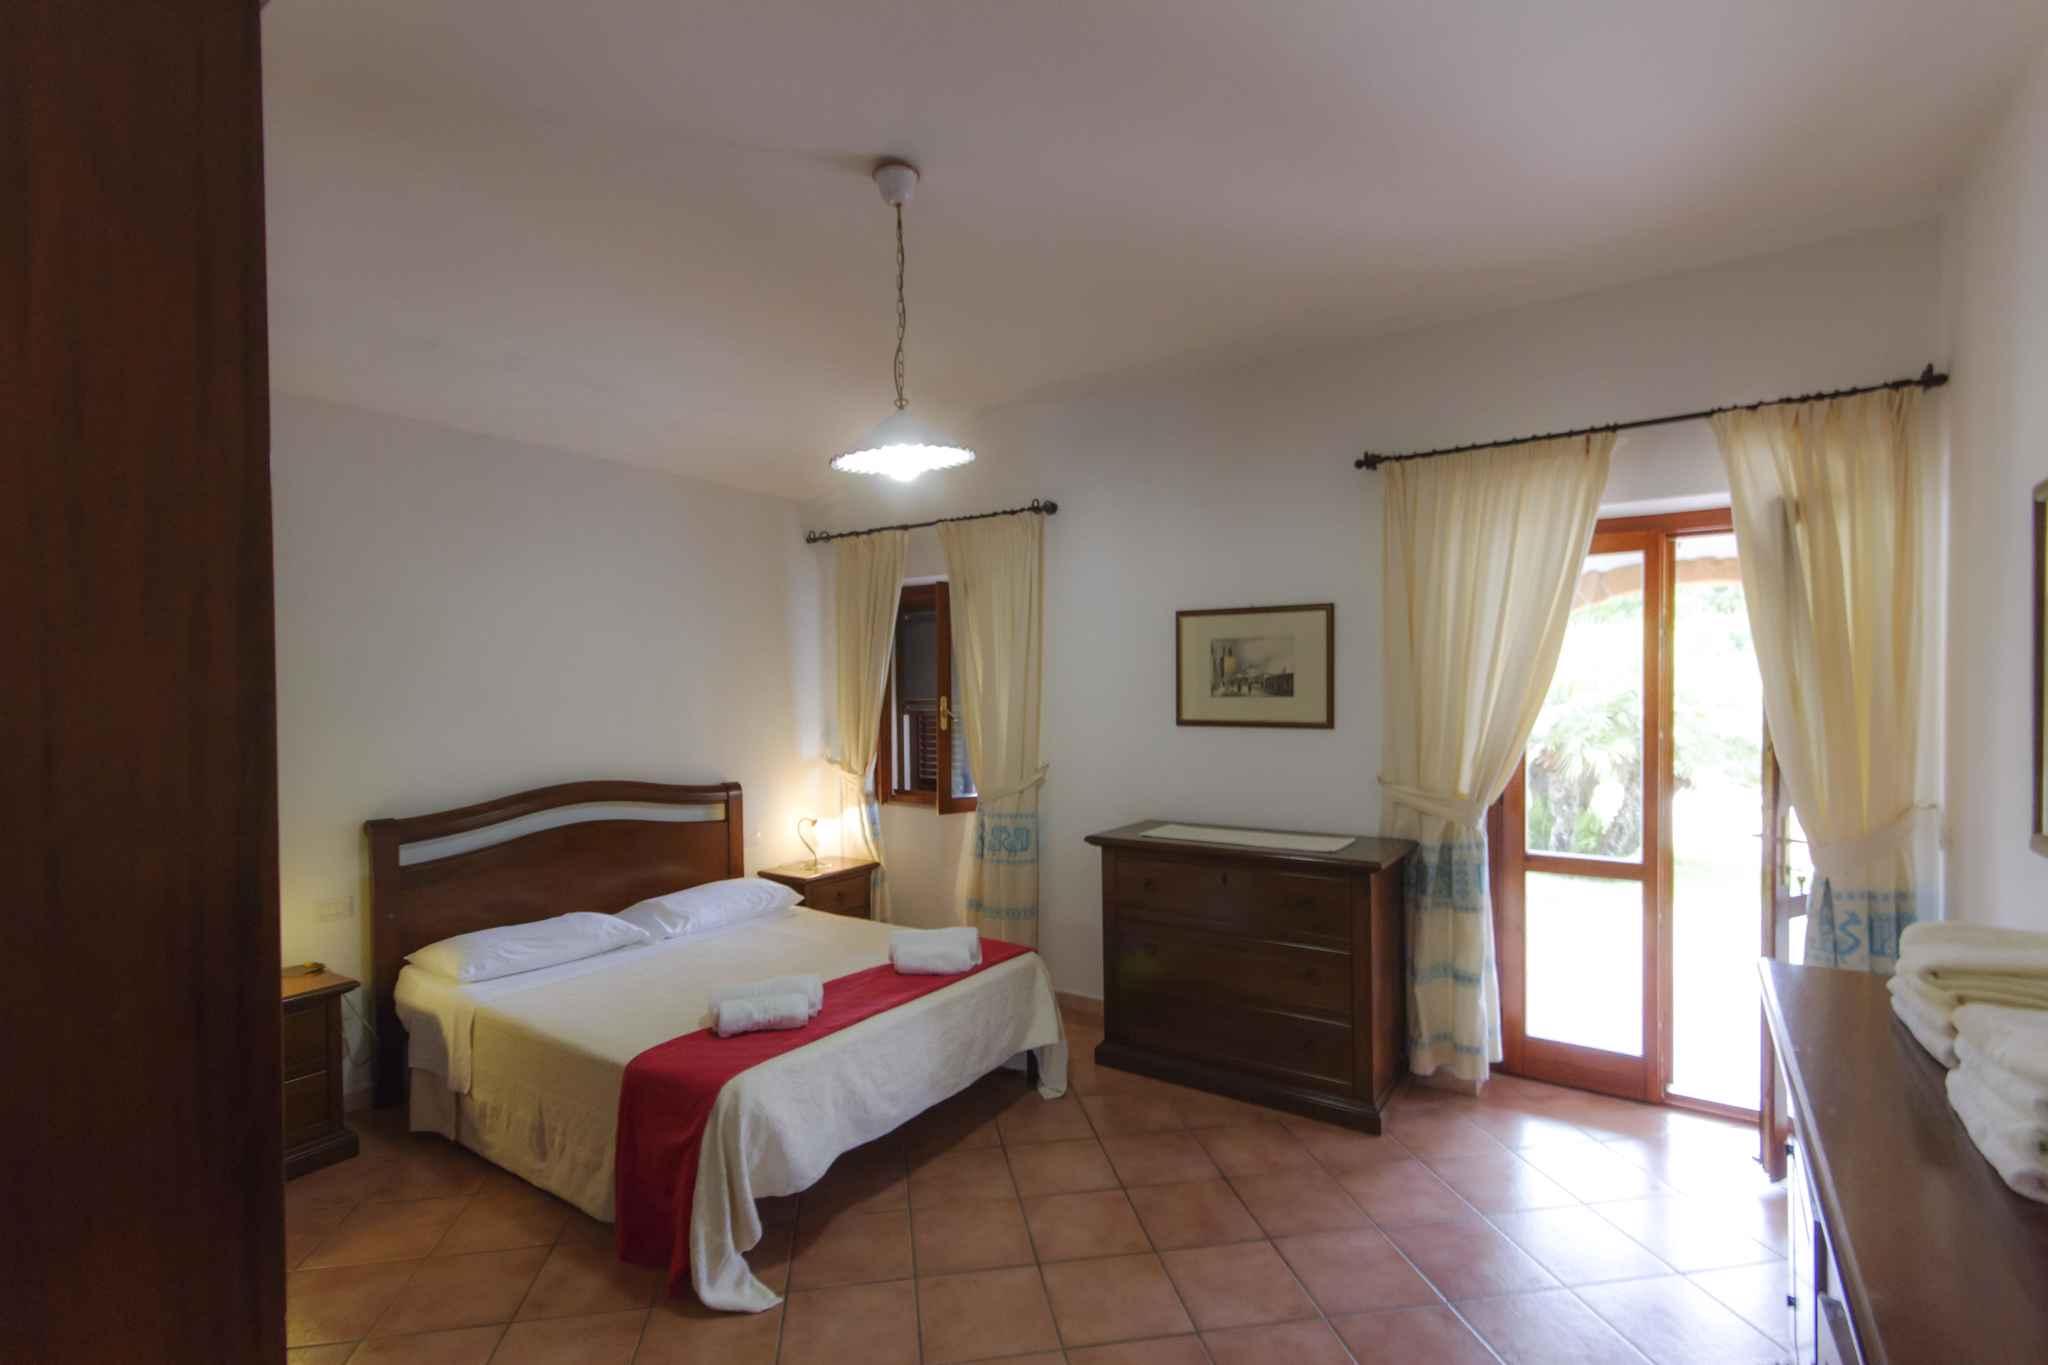 Ferienhaus mit Klimaanlage (2191583), Alghero, Sassari, Sardinien, Italien, Bild 10